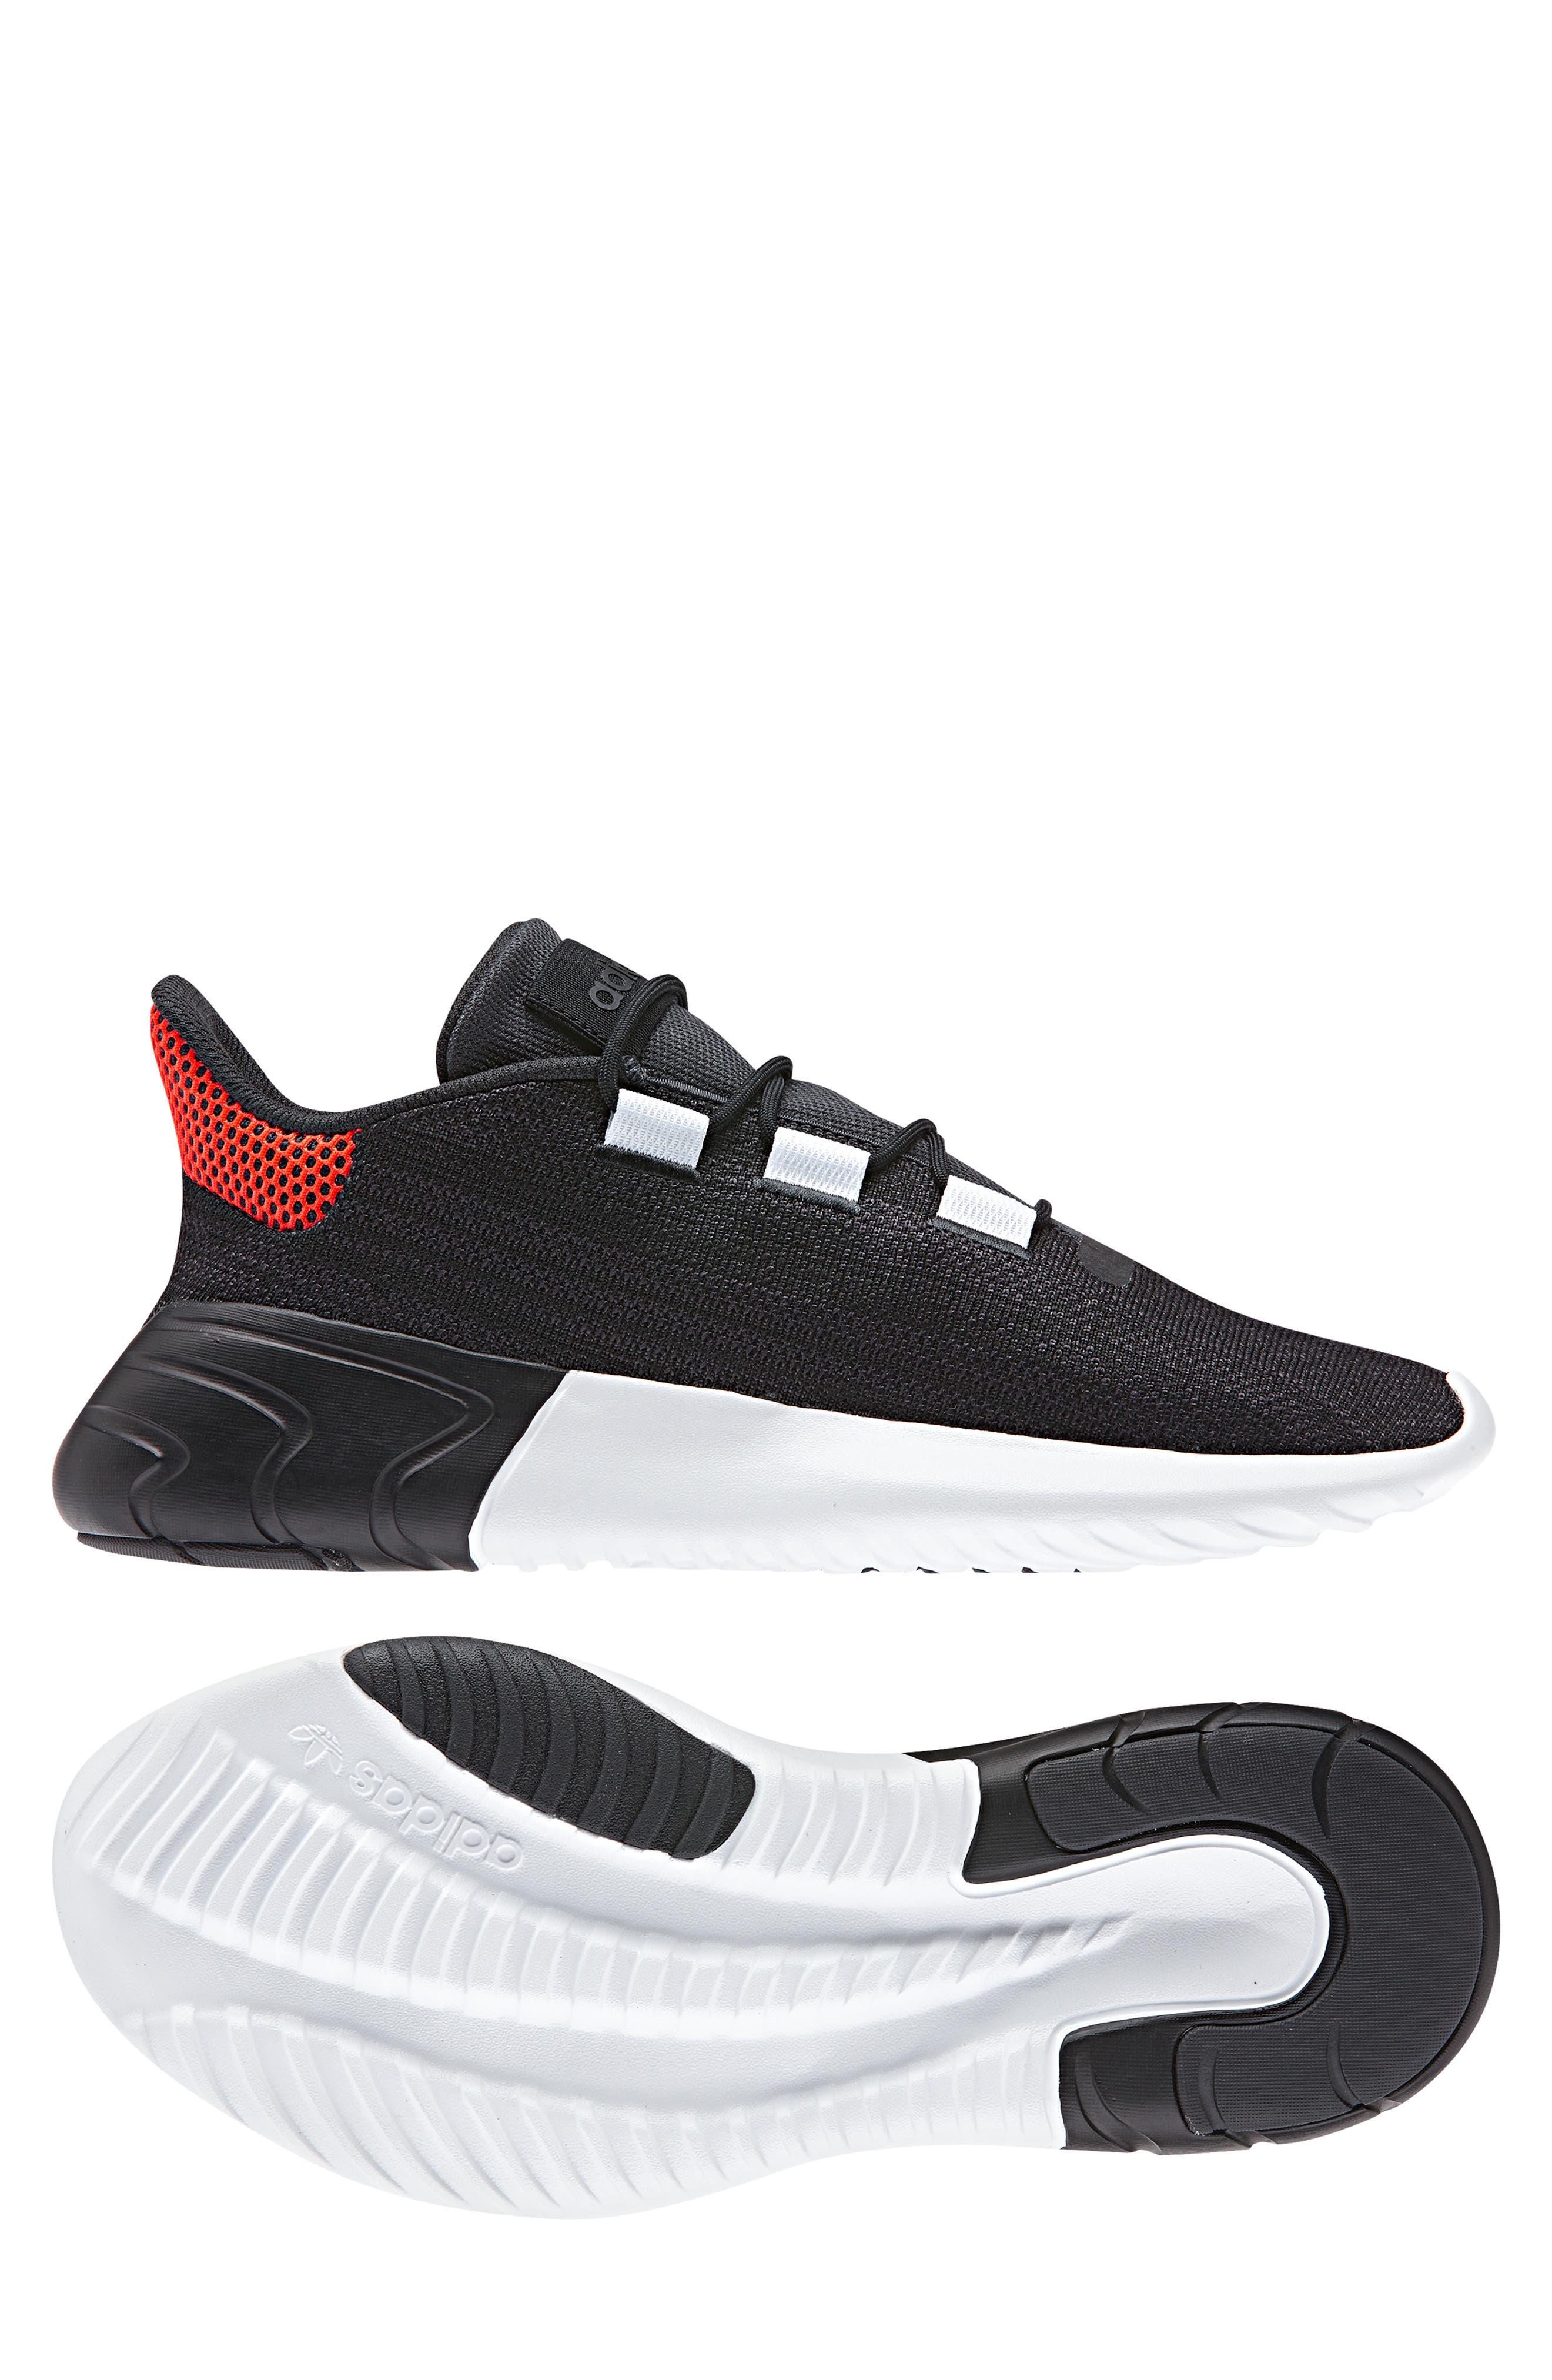 Tubular Dusk Primeknit Sneaker,                             Alternate thumbnail 10, color,                             WHITE/ BLACK/ GREY